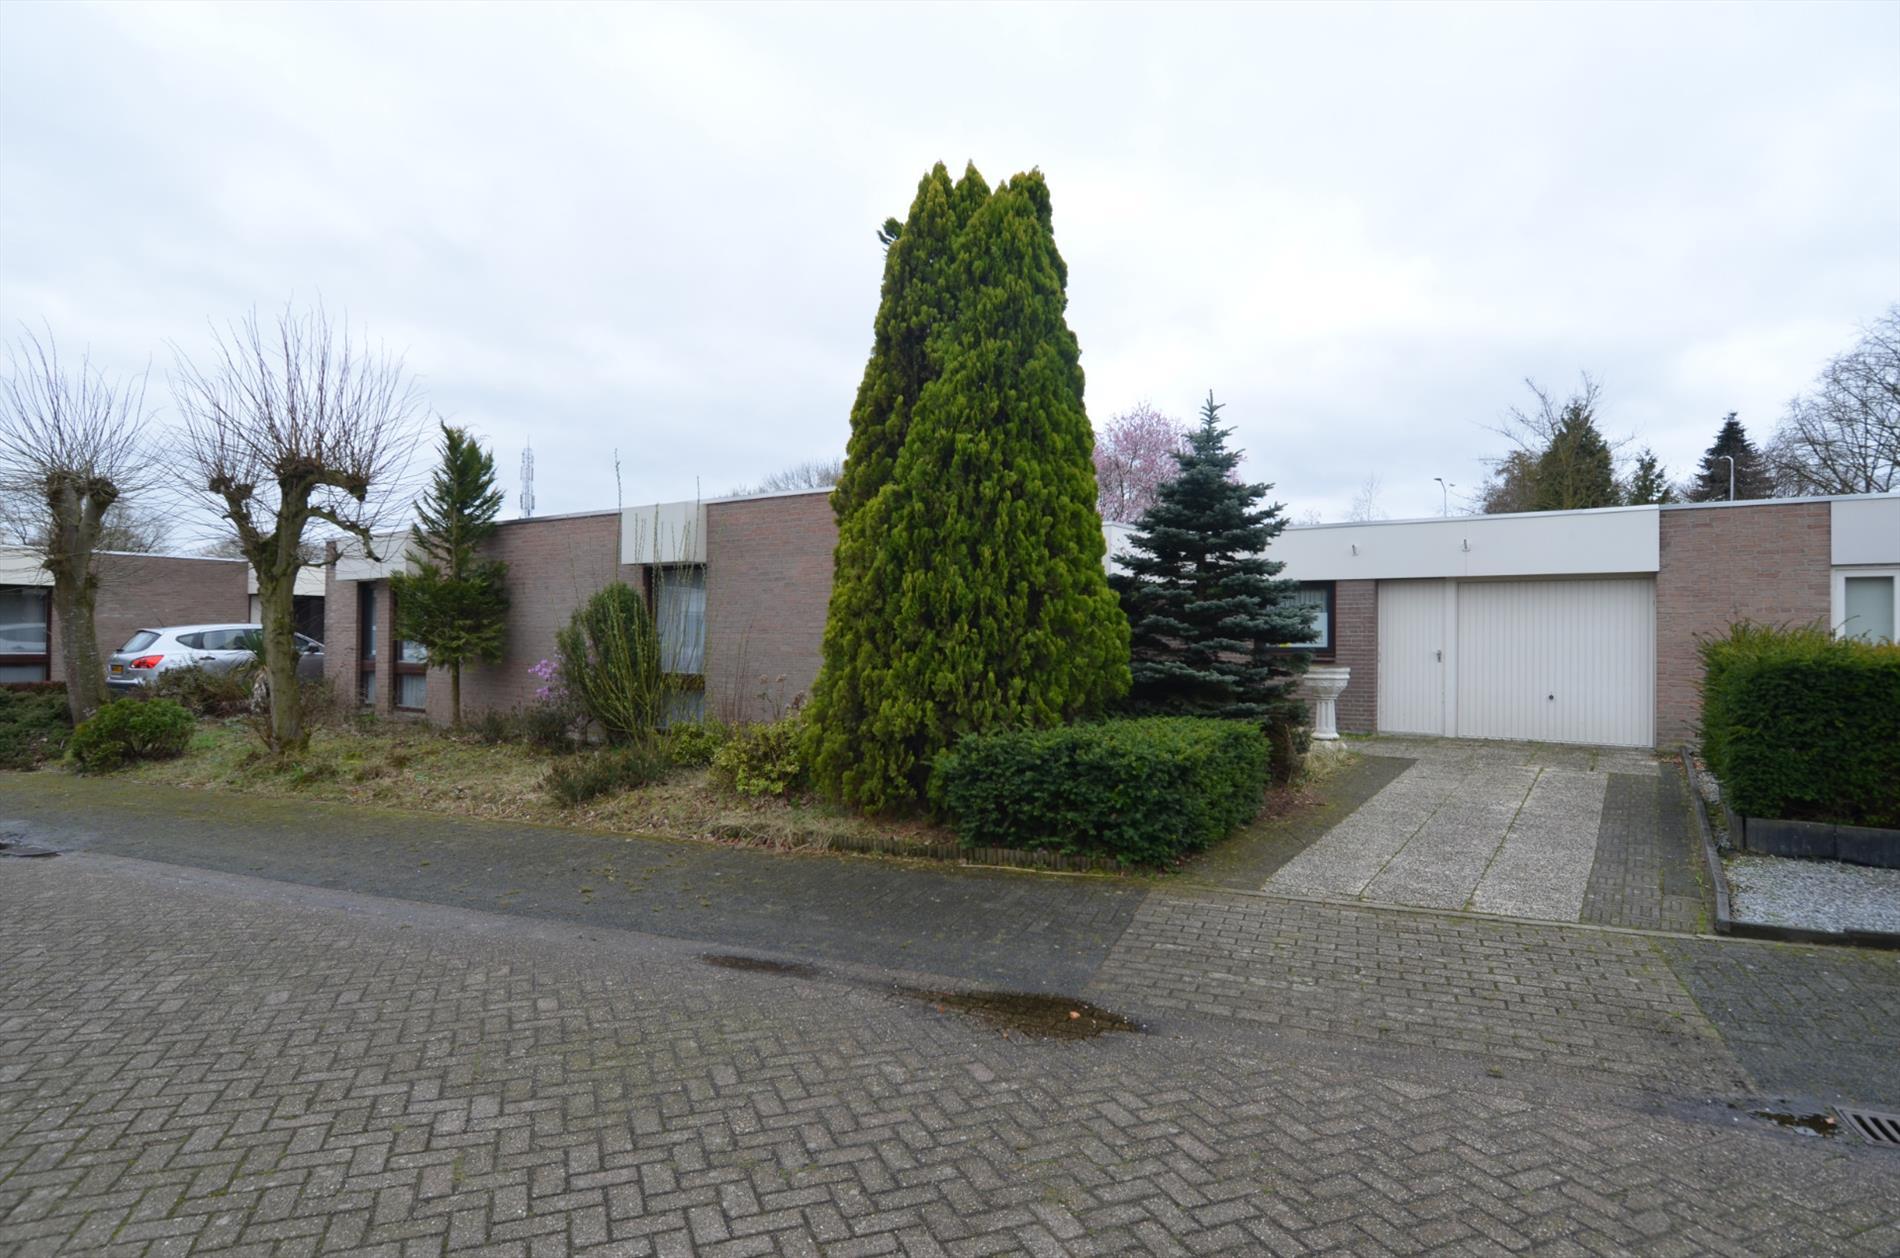 Te koop: In het zeer gewilde Koudenhoven gelegen ruime bungalow met garage.